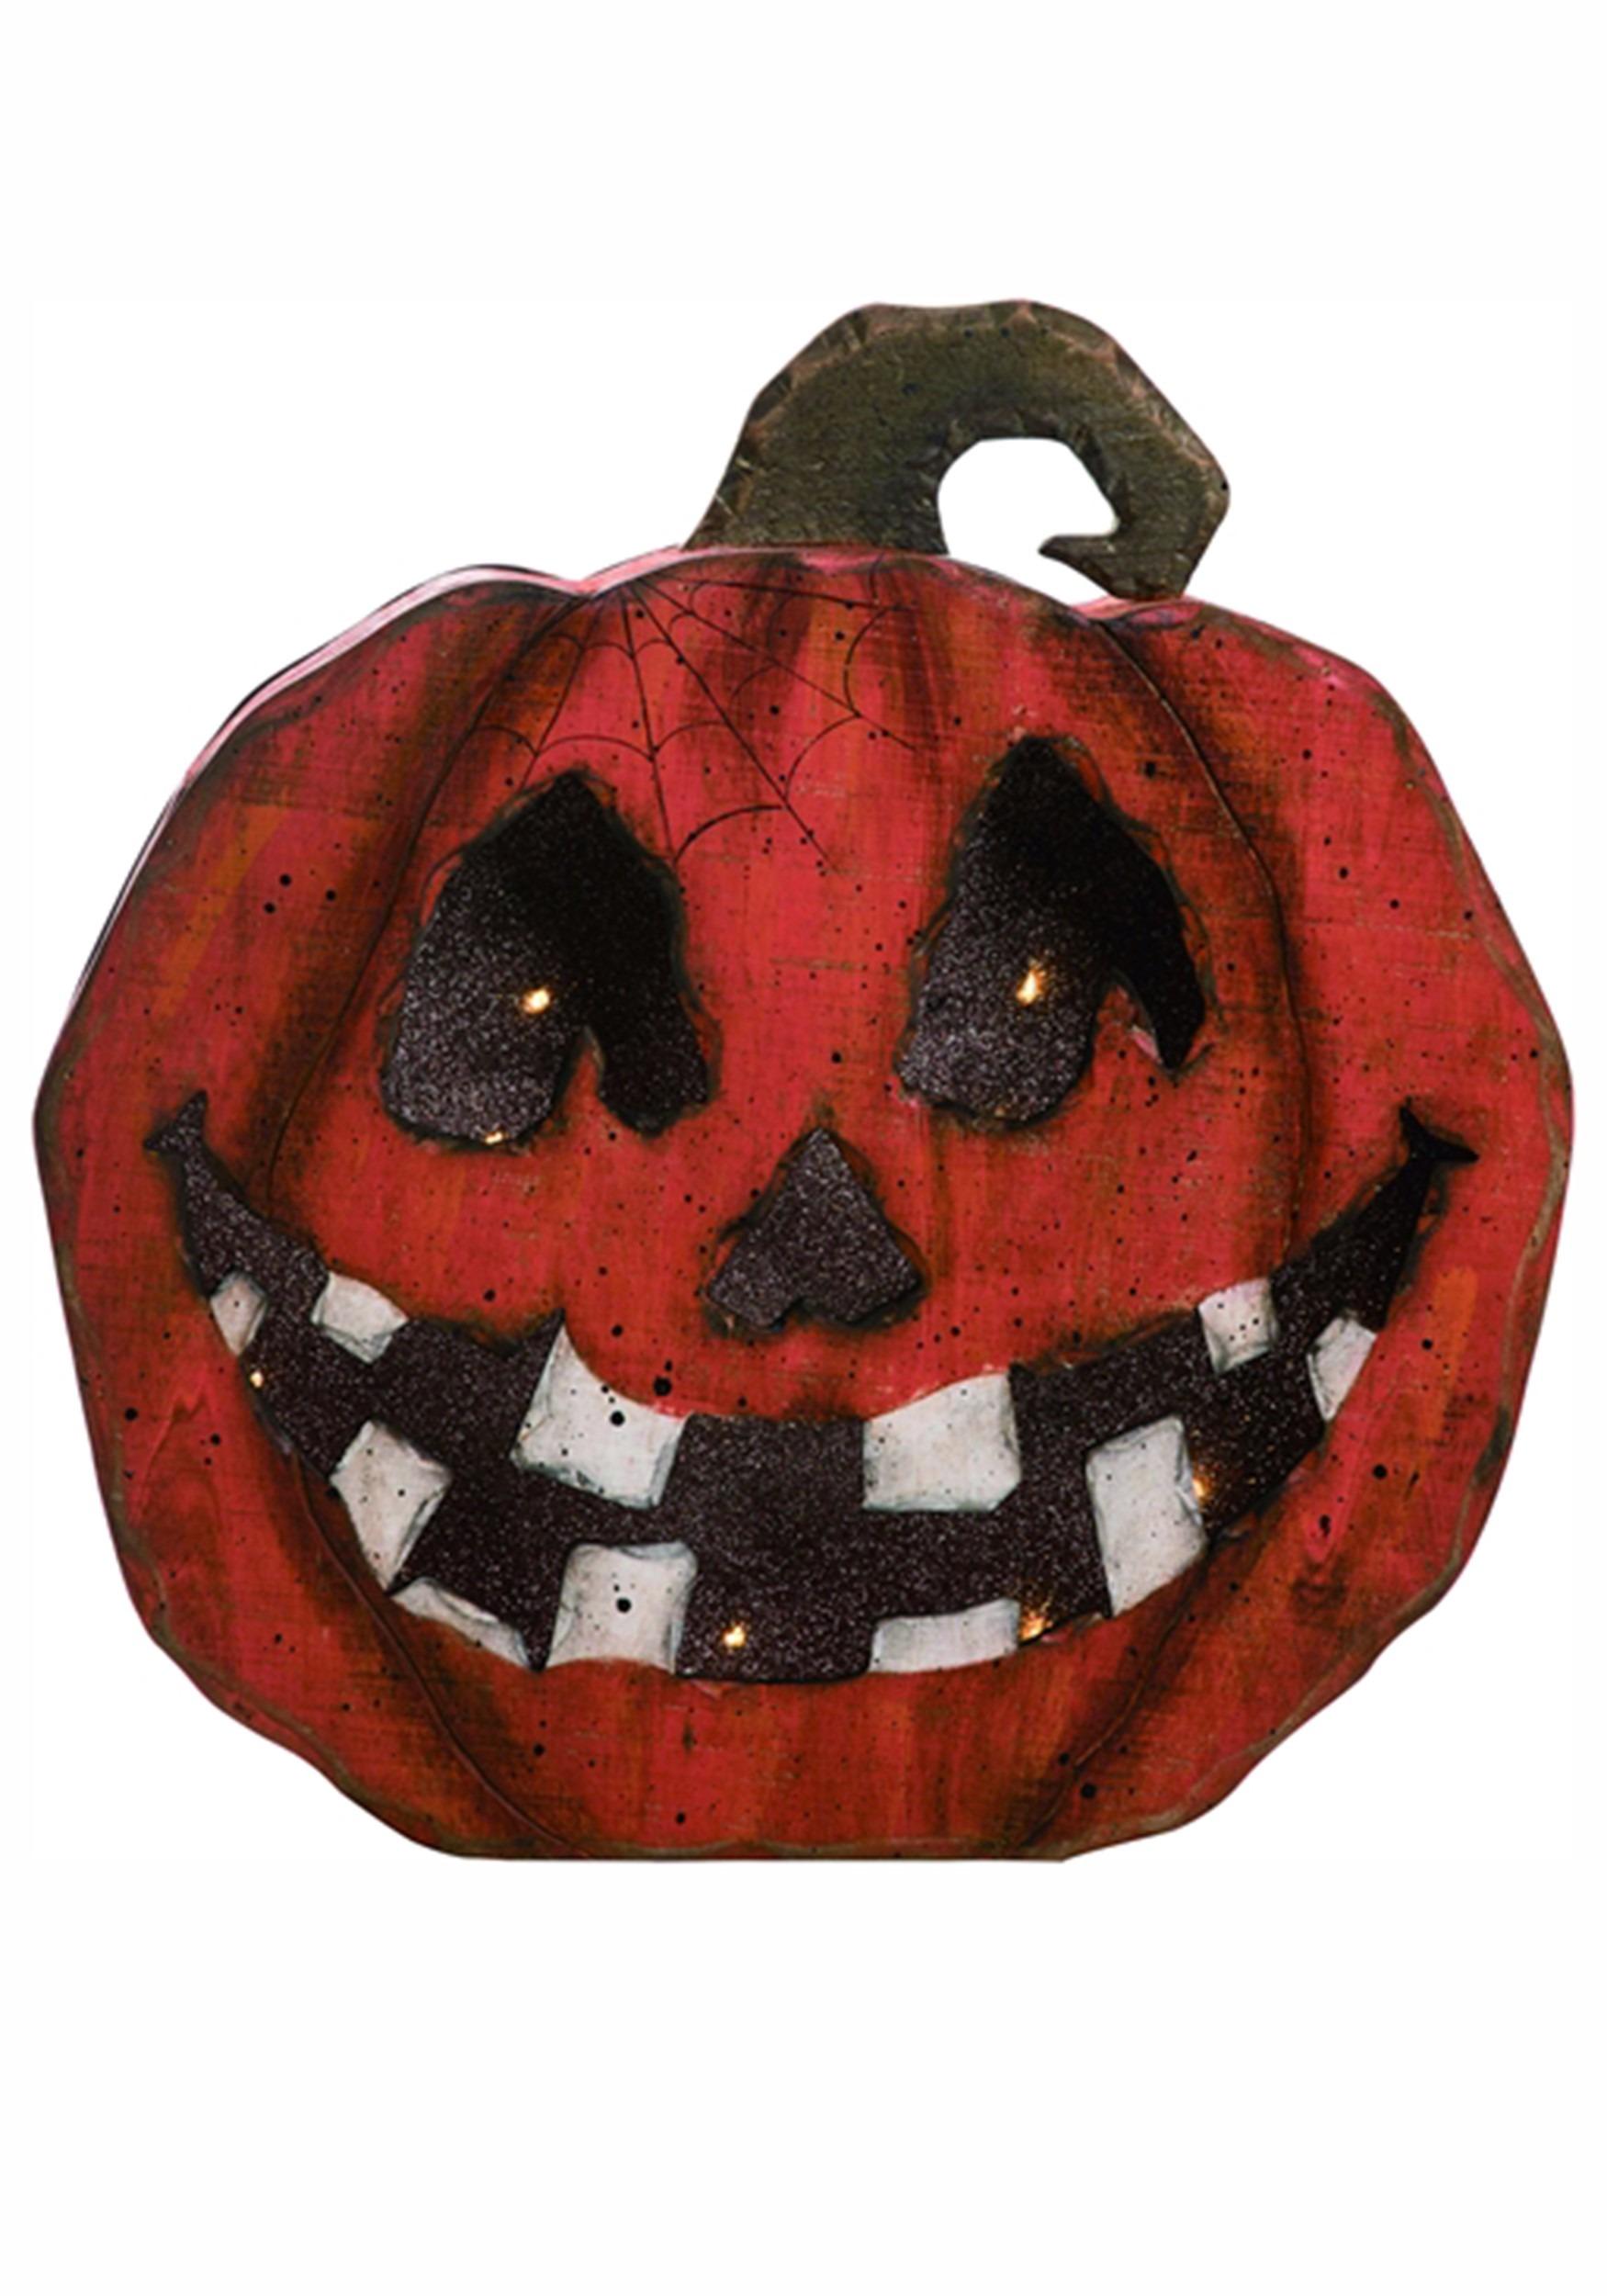 Jack O'lantern Faces : o'lantern, faces, Jack-O-Lantern, Pumpkin, Light, Halloween, Decor